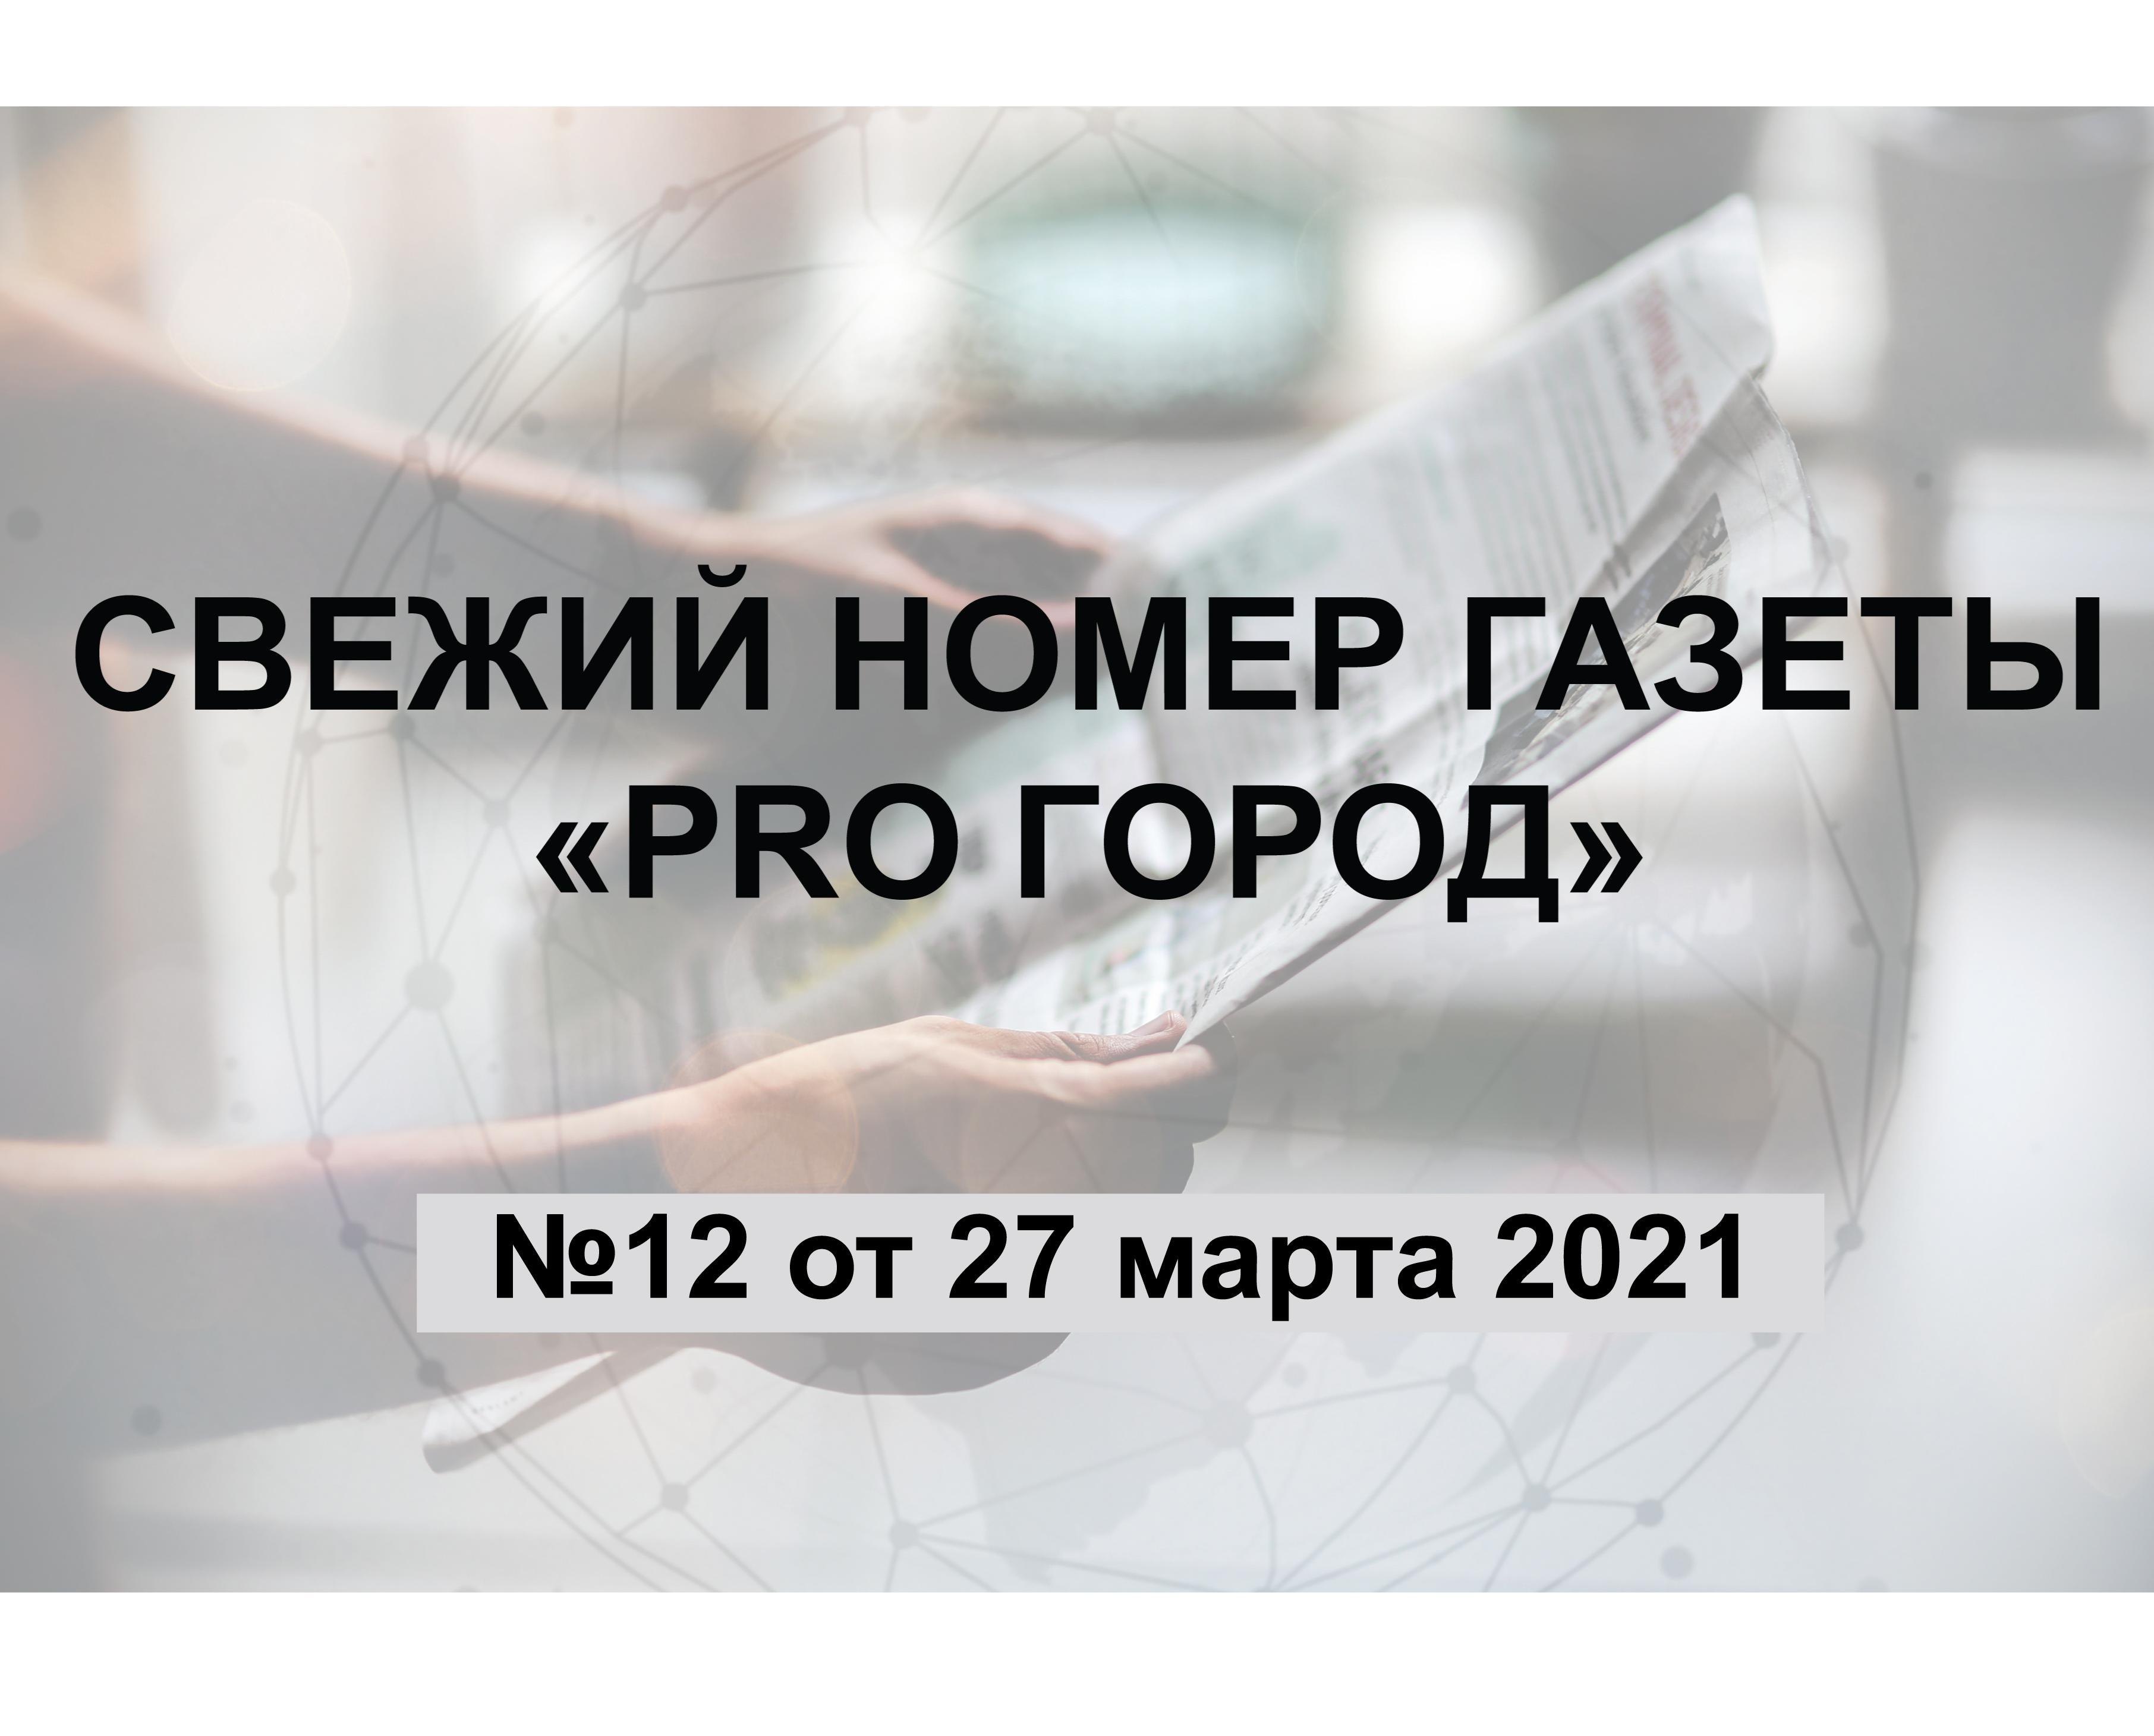 Газета «Pro Город Кирово-Чепецк» номер 12 от 27 марта 2021 года